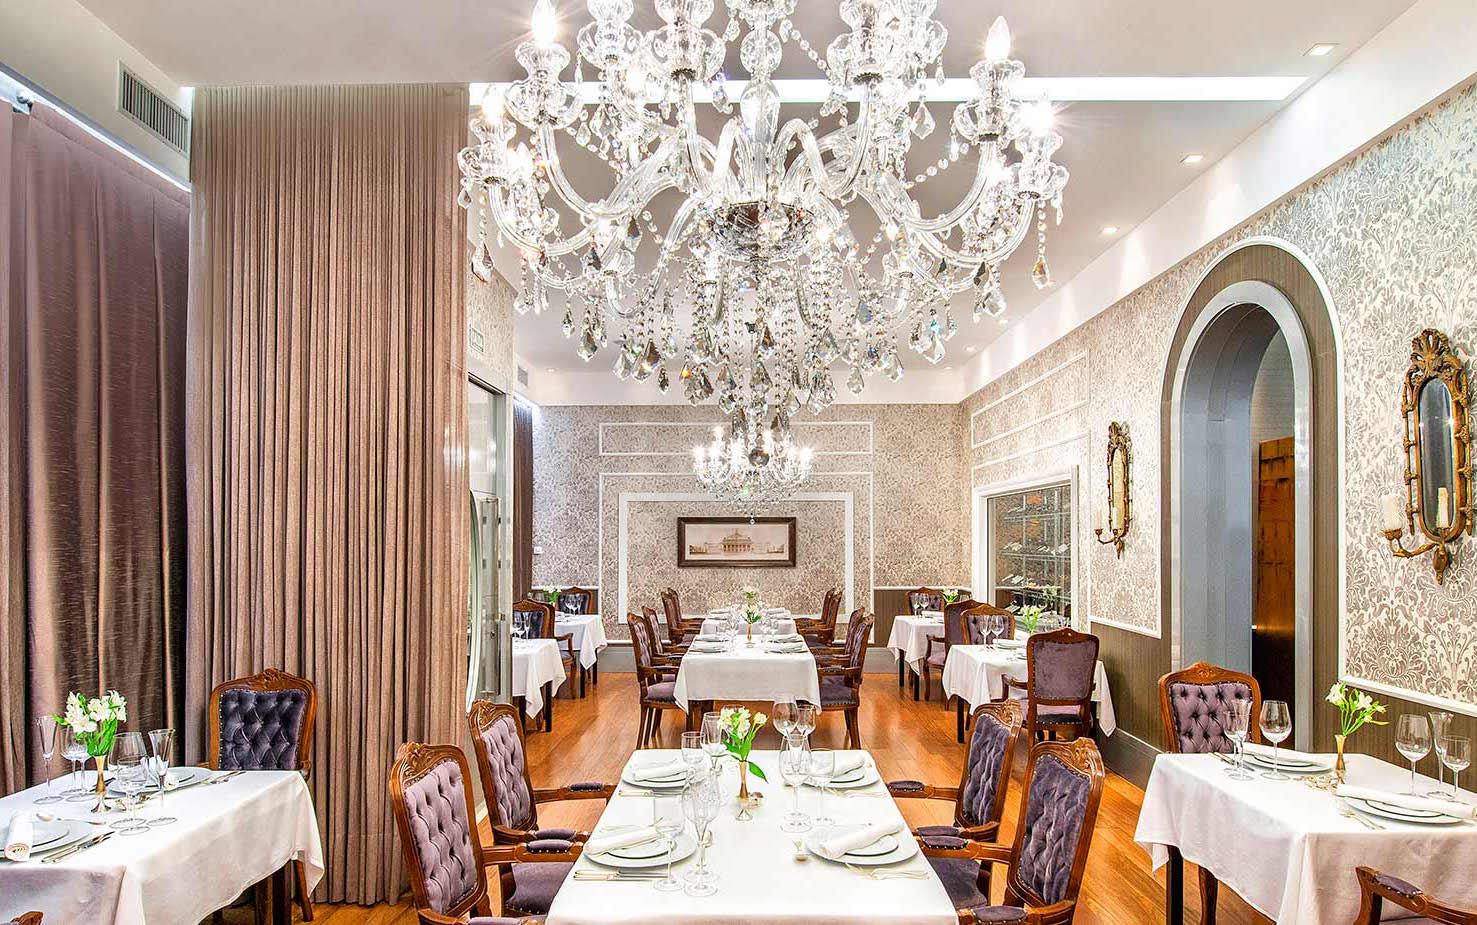 Durski Restaurante